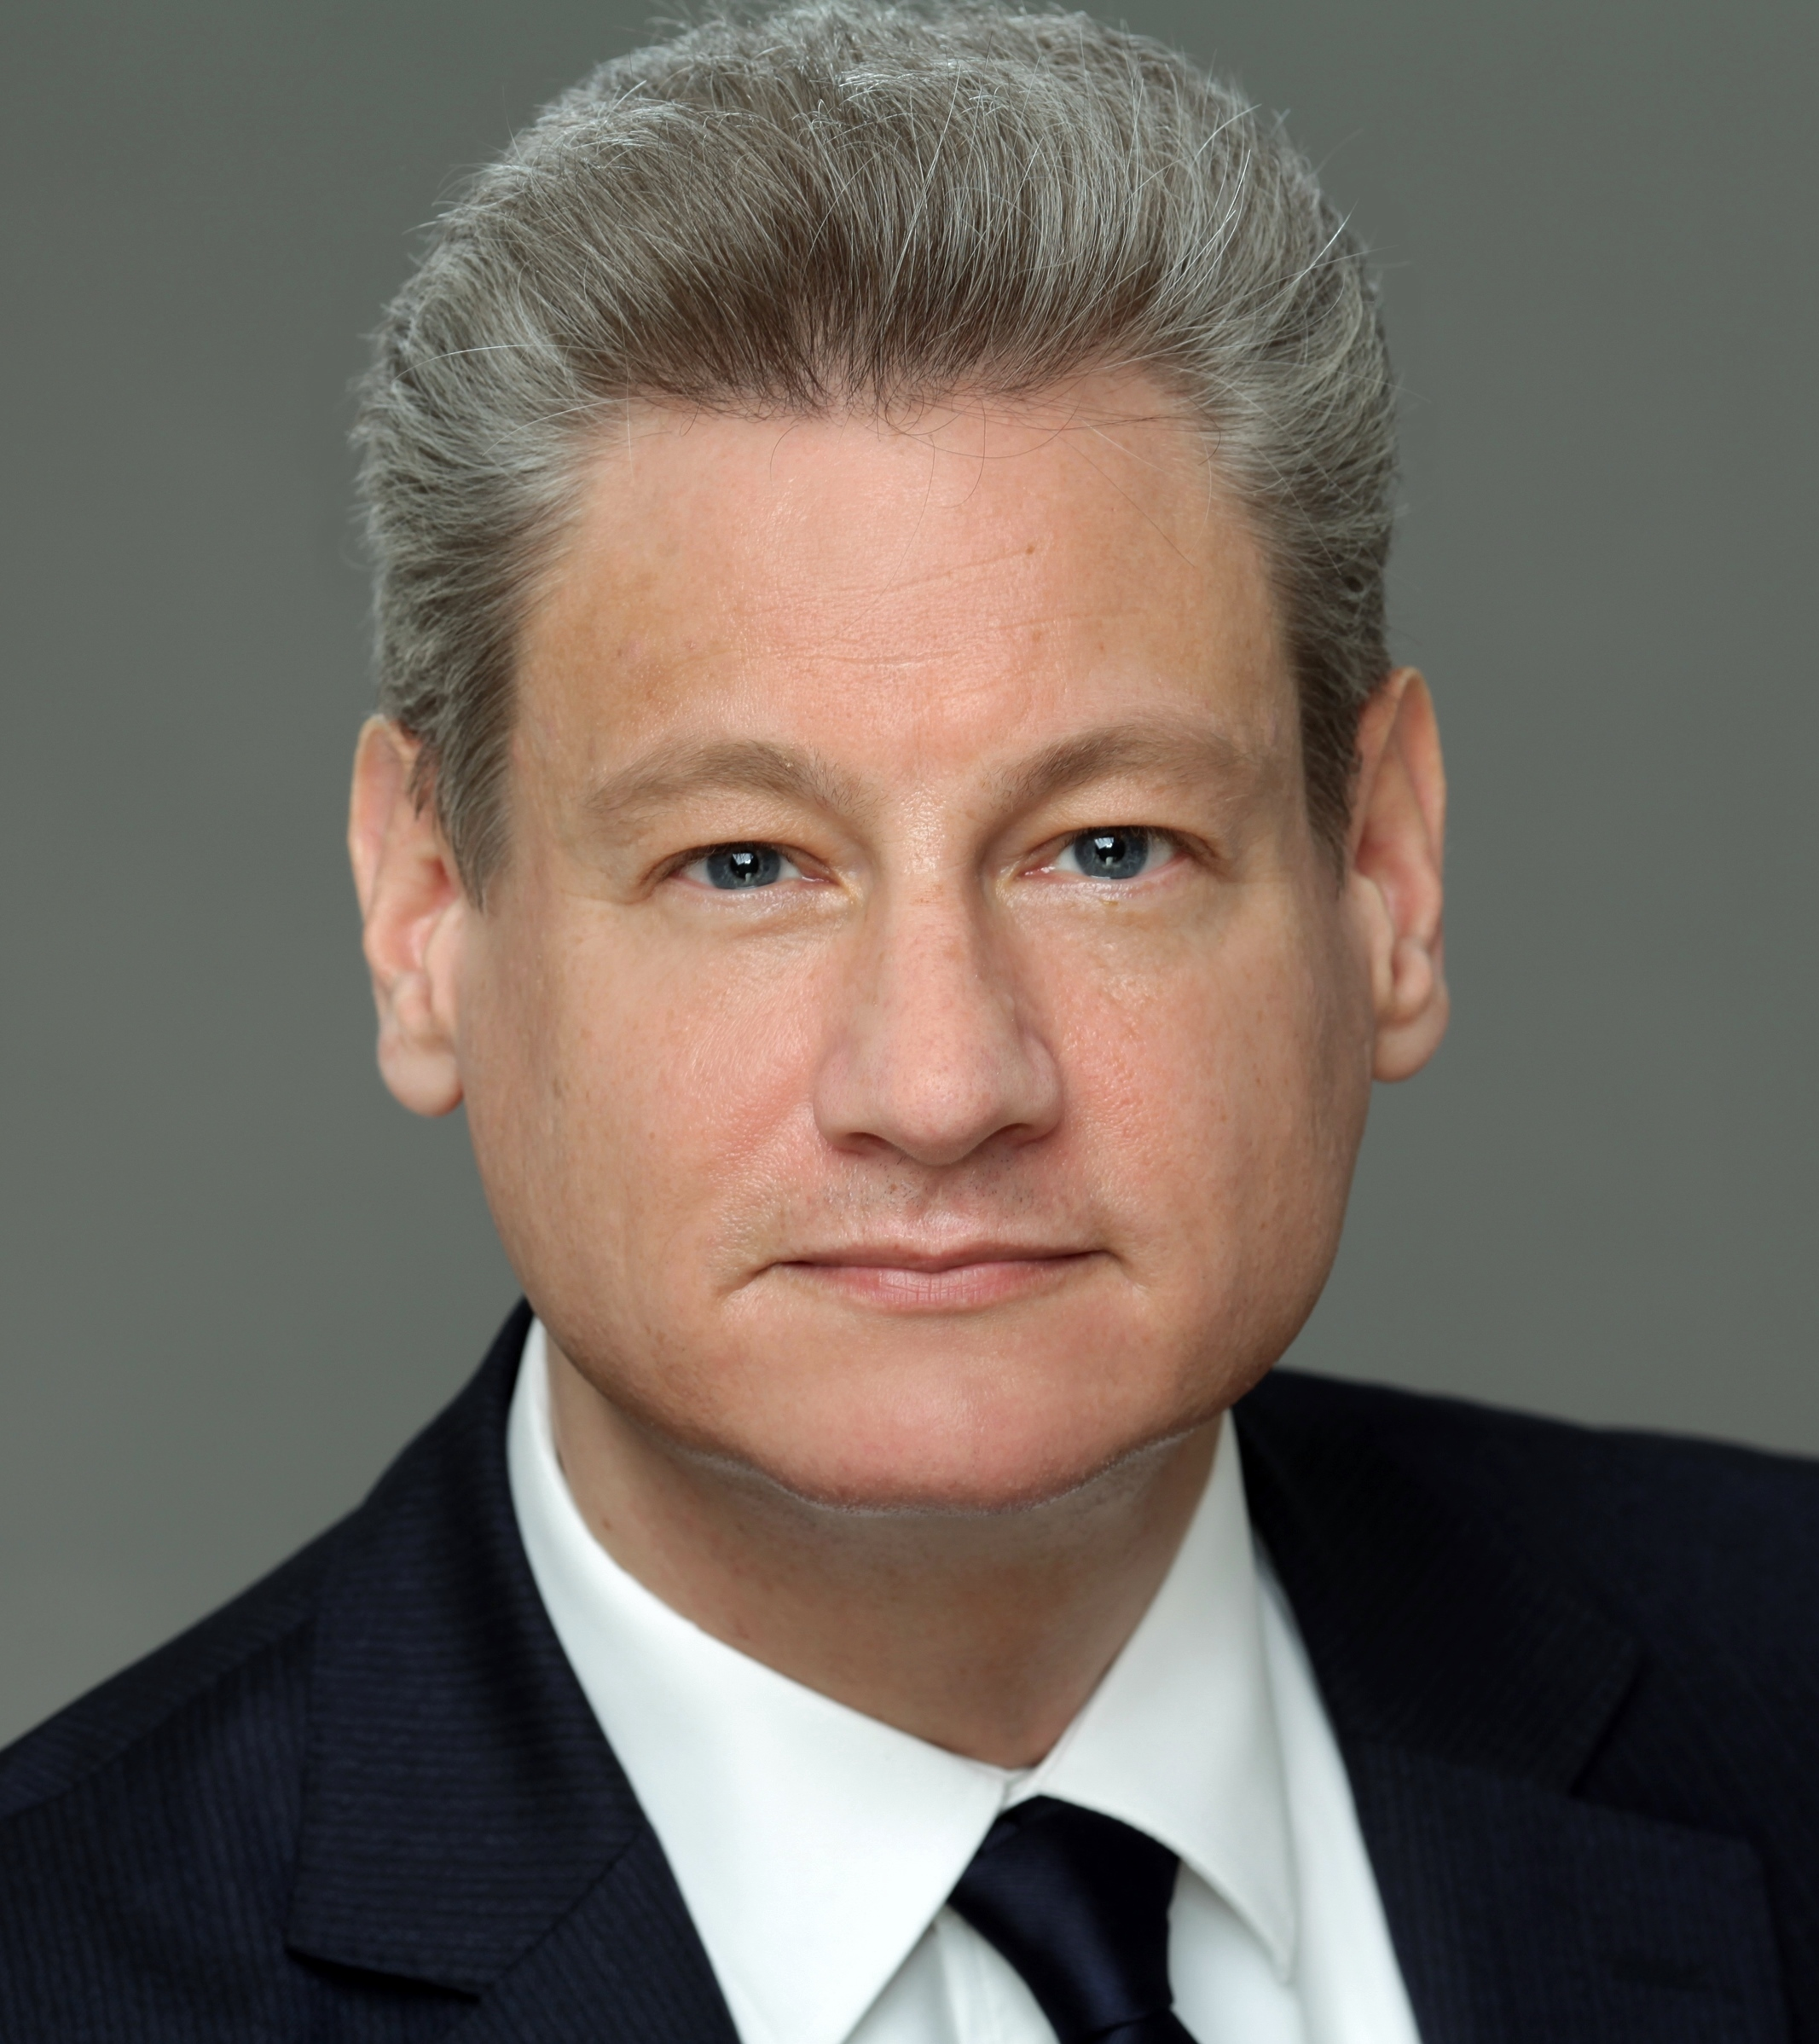 Dr. Ralf Fischer zu Cramburg